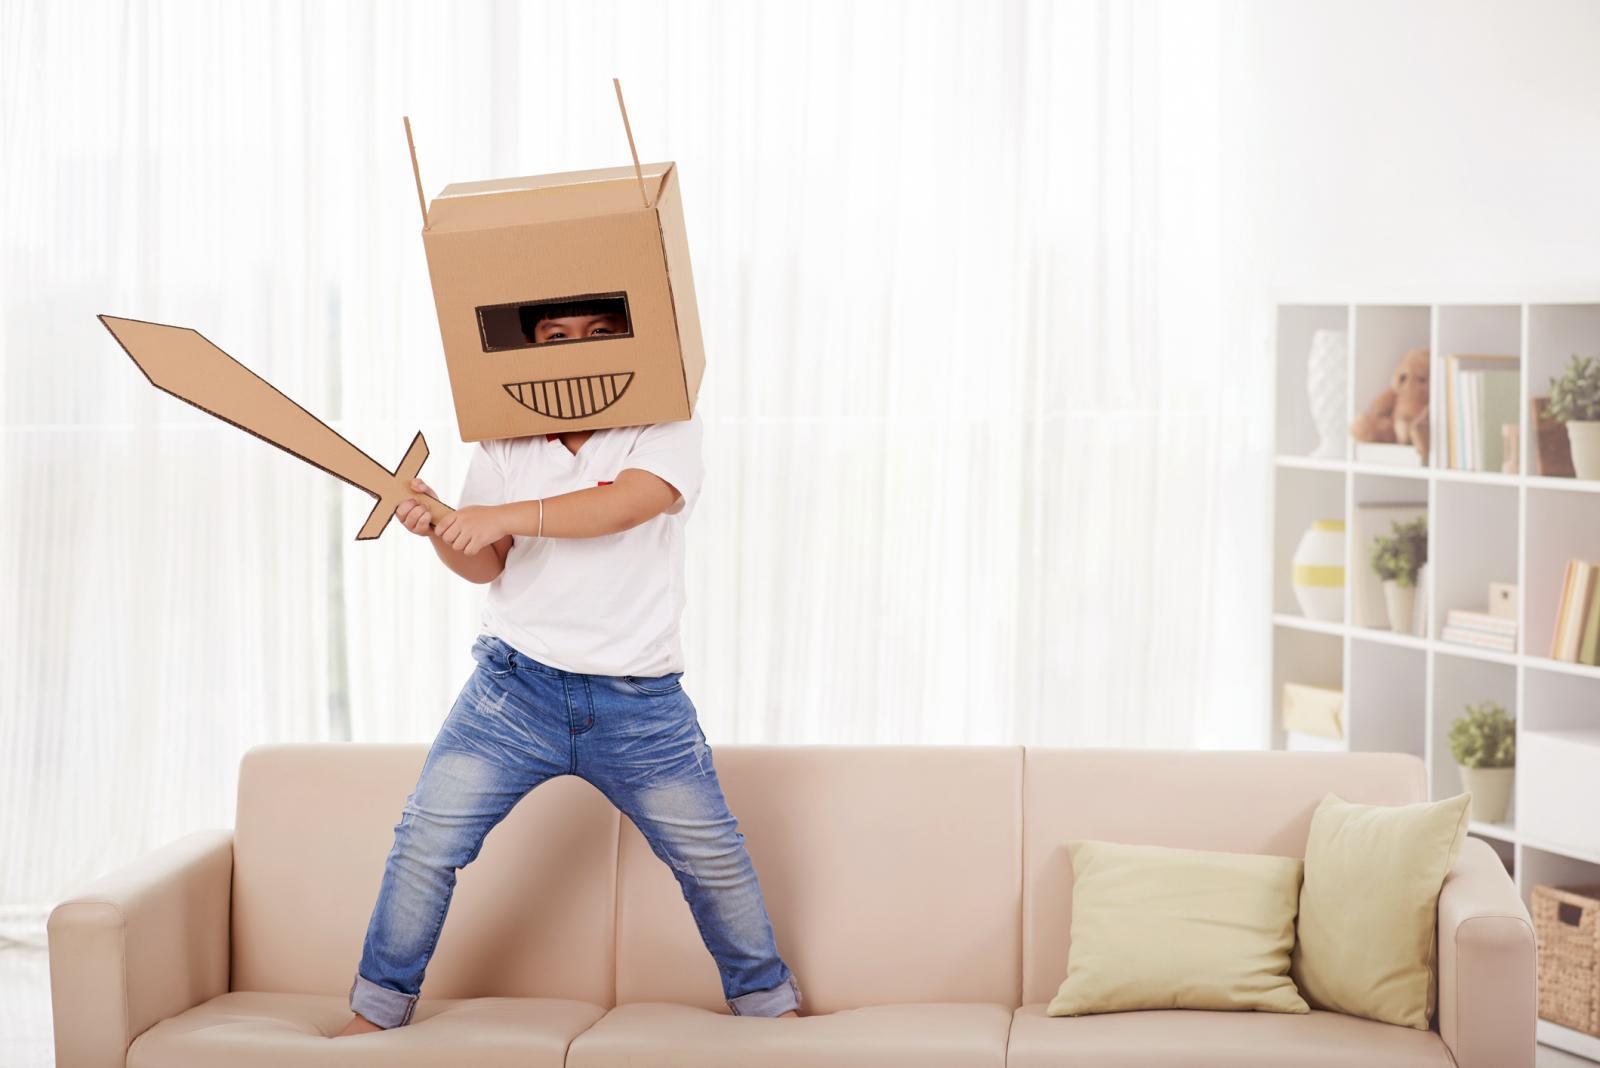 Niño jugando con cajas de cartón usando su imaginación